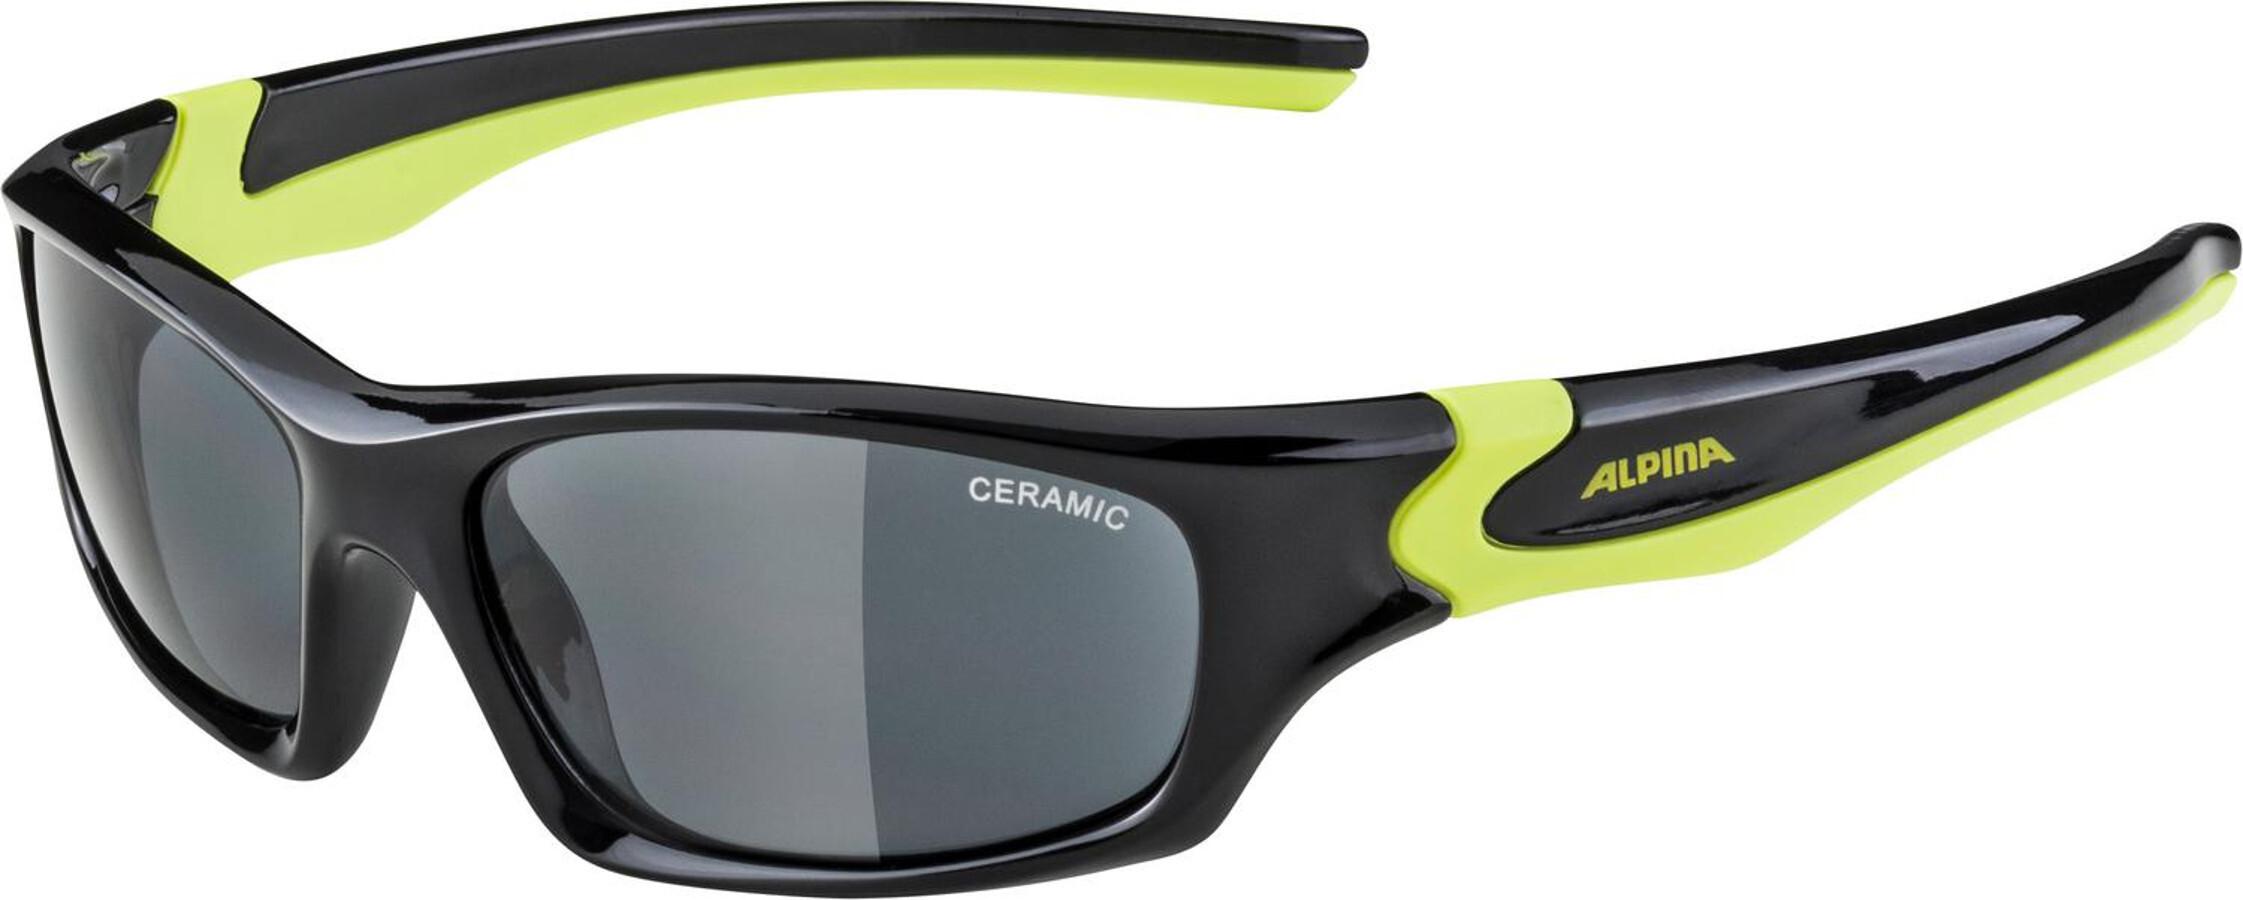 c99b0b2ba5 Alpina Flexxy - Gafas ciclismo Niños - amarillo/negro | Bikester.es